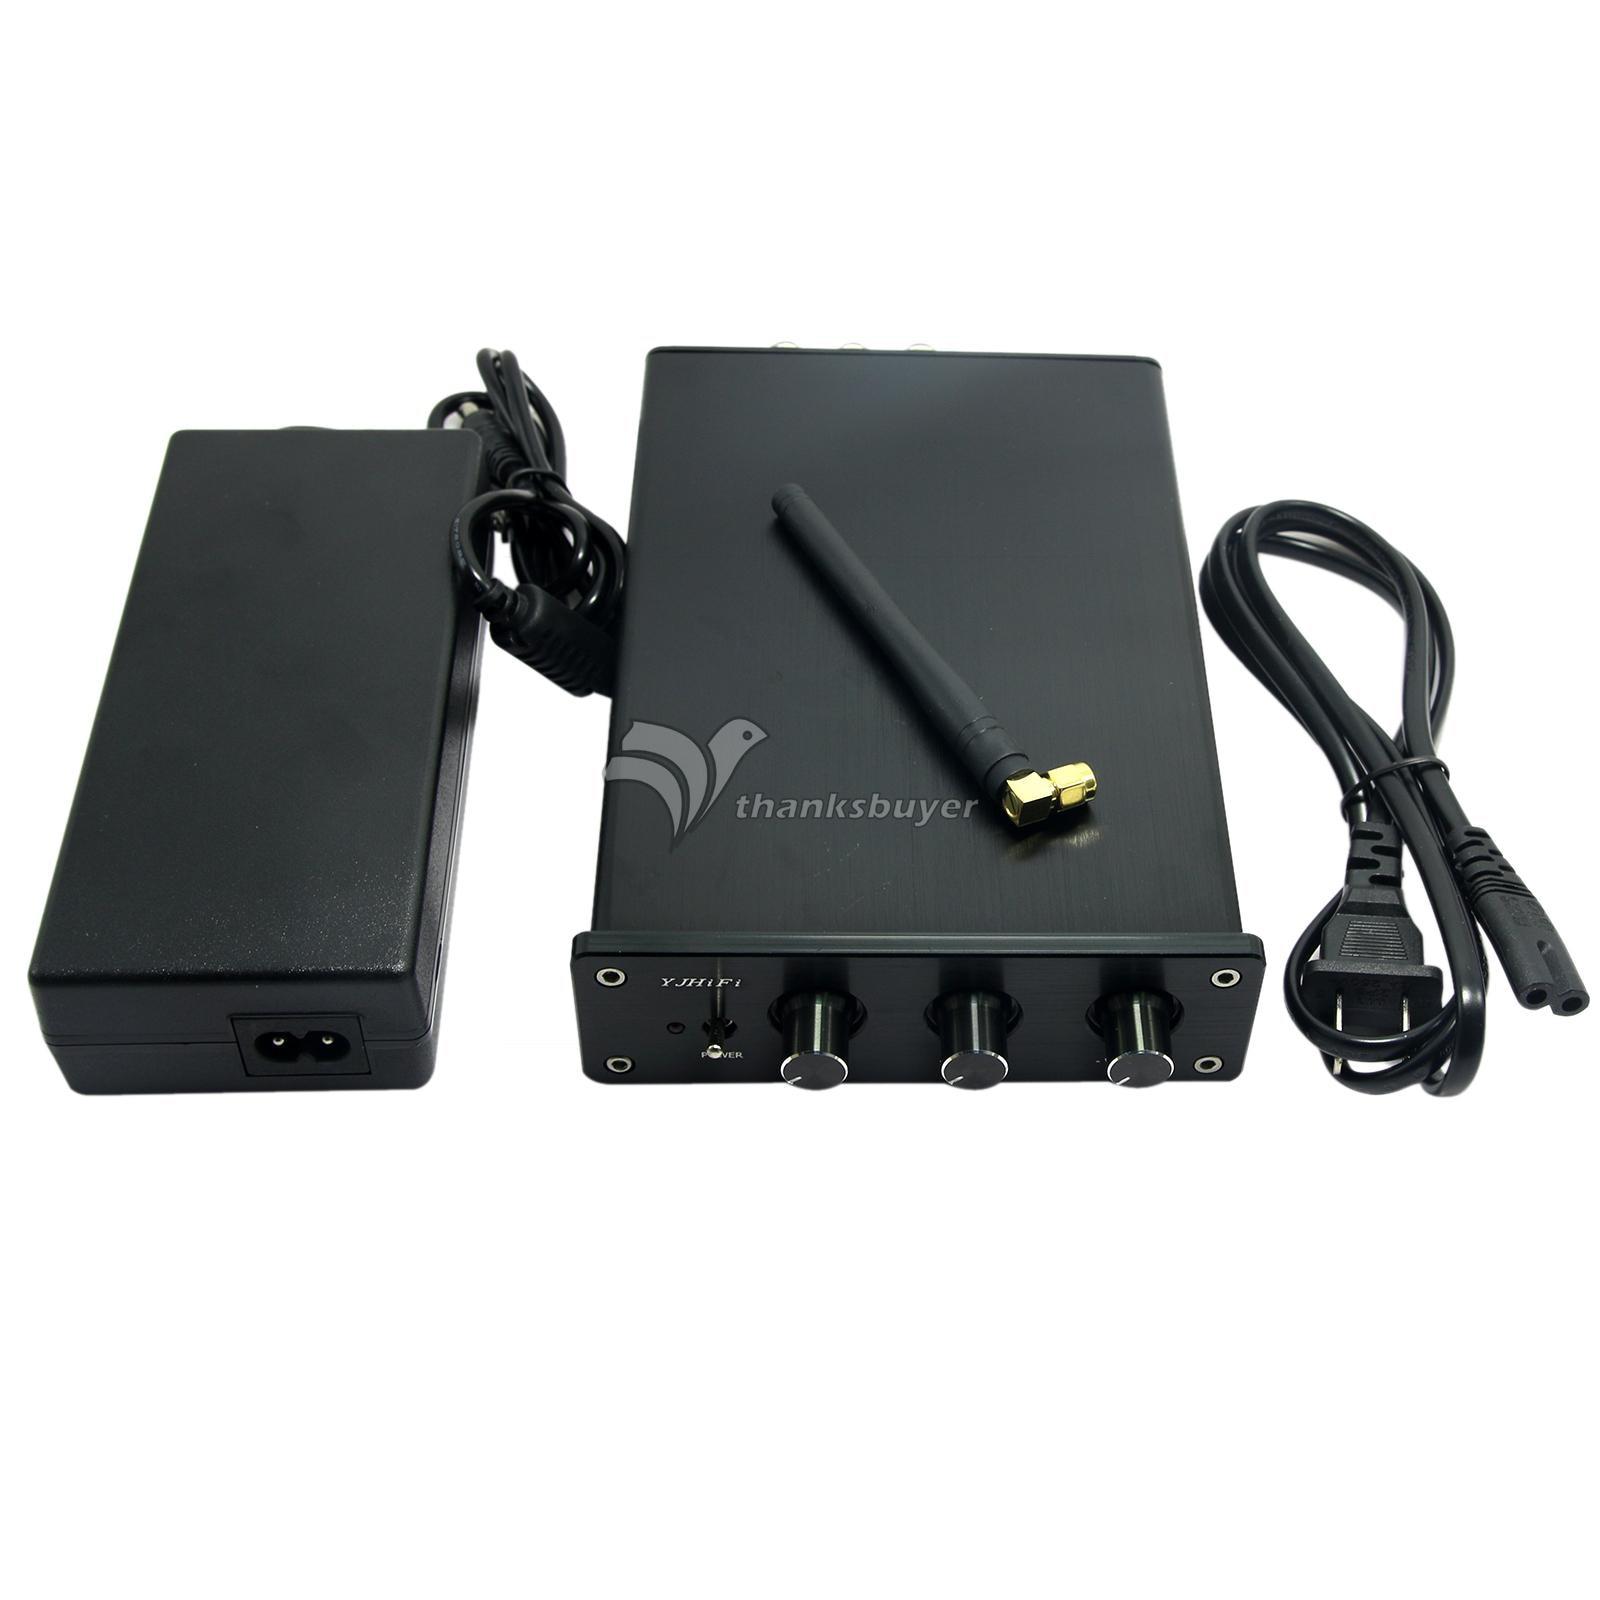 VJHiFi TPA3116 2.1+ CSR4.0 Bluetooth 4.0 Module Digital Amplifier Board with Case Power Supply lson mini amplifier module board red